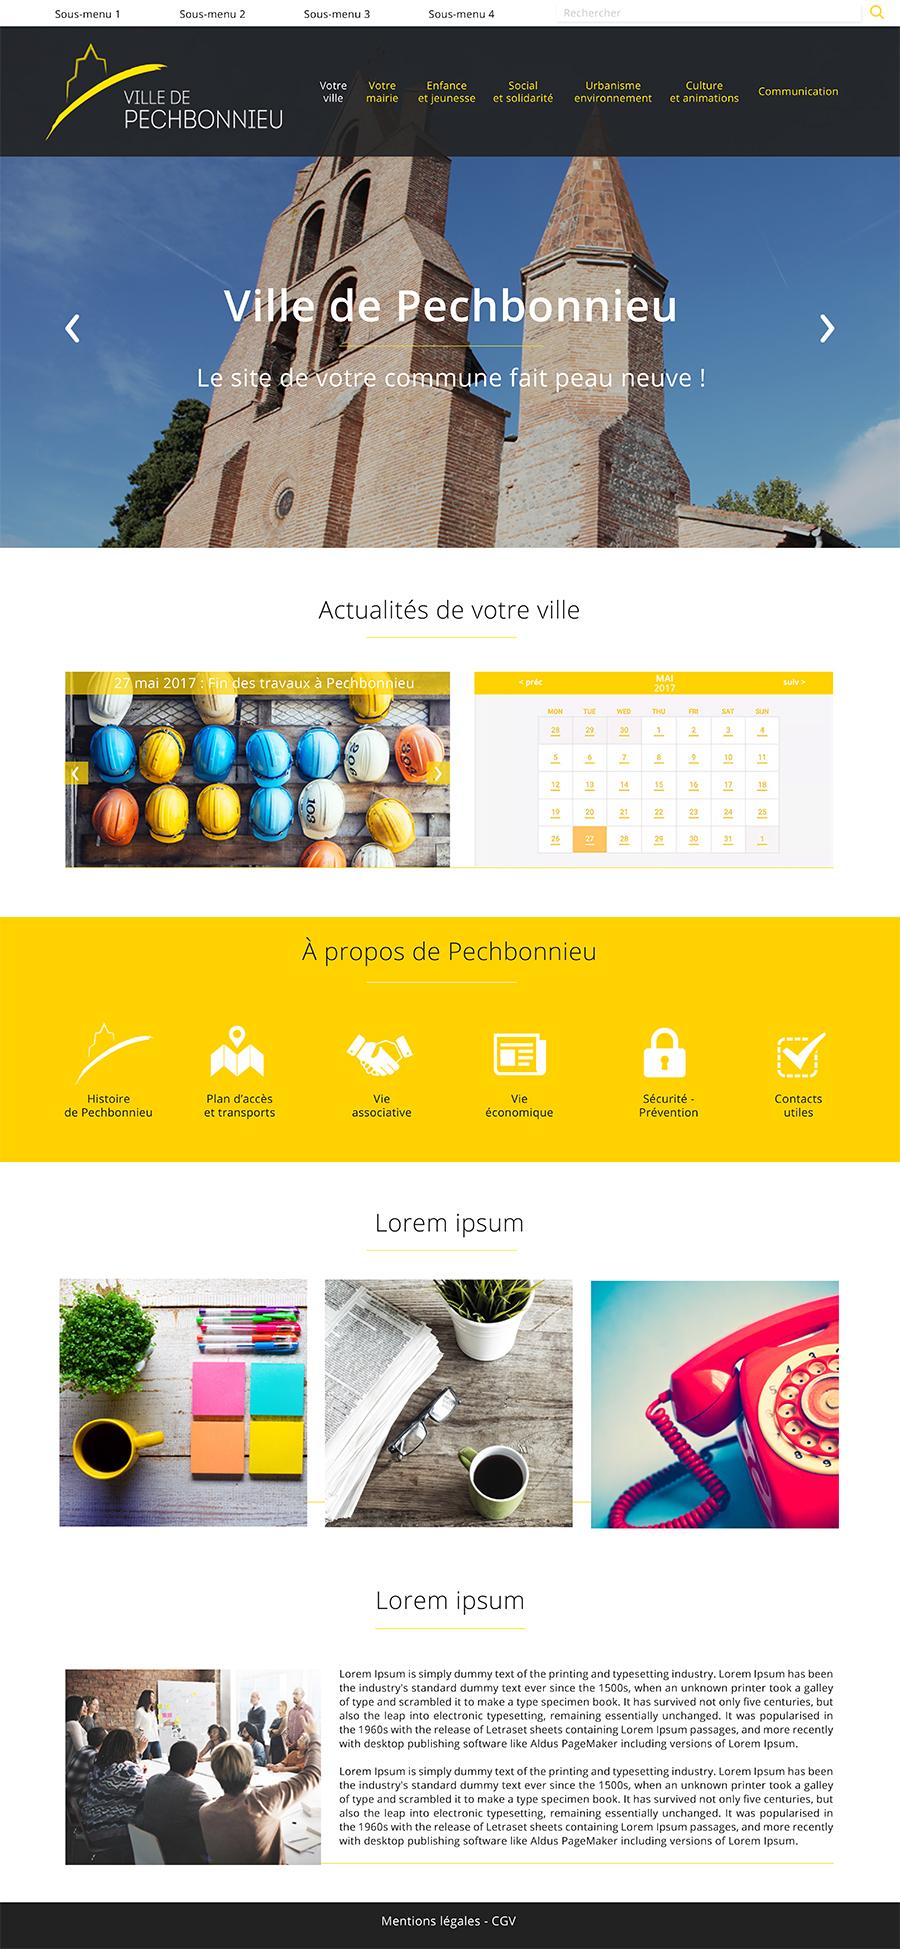 Maquette mockup site web site internet pechbonnieu